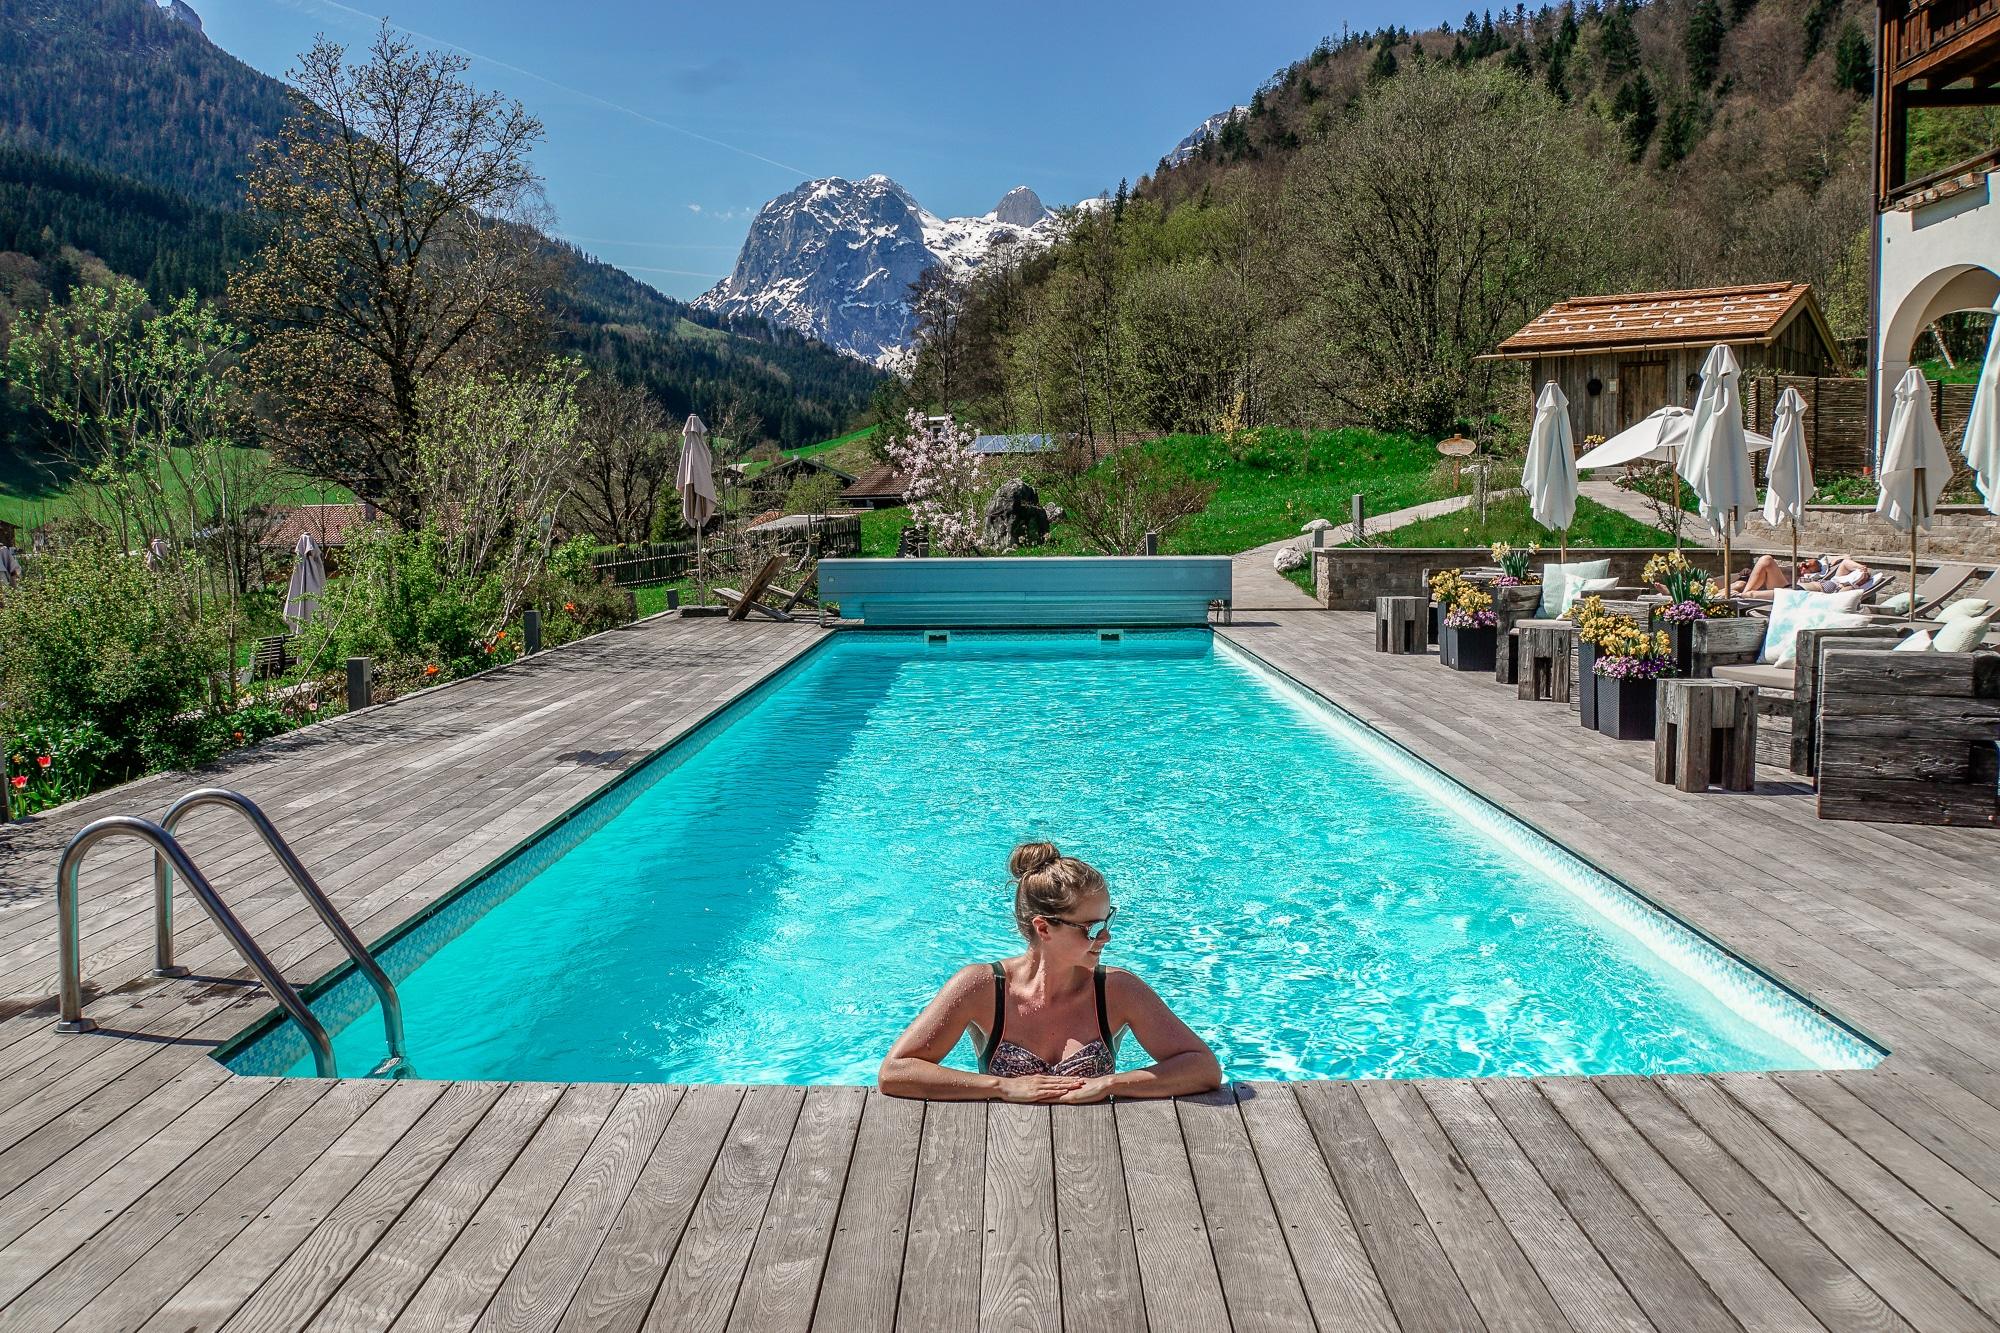 Berghotel Rehlegg Erfahrungen: Mein Erfahrungsbericht nach vier Tagen Wellness im Berchtesgadener Land